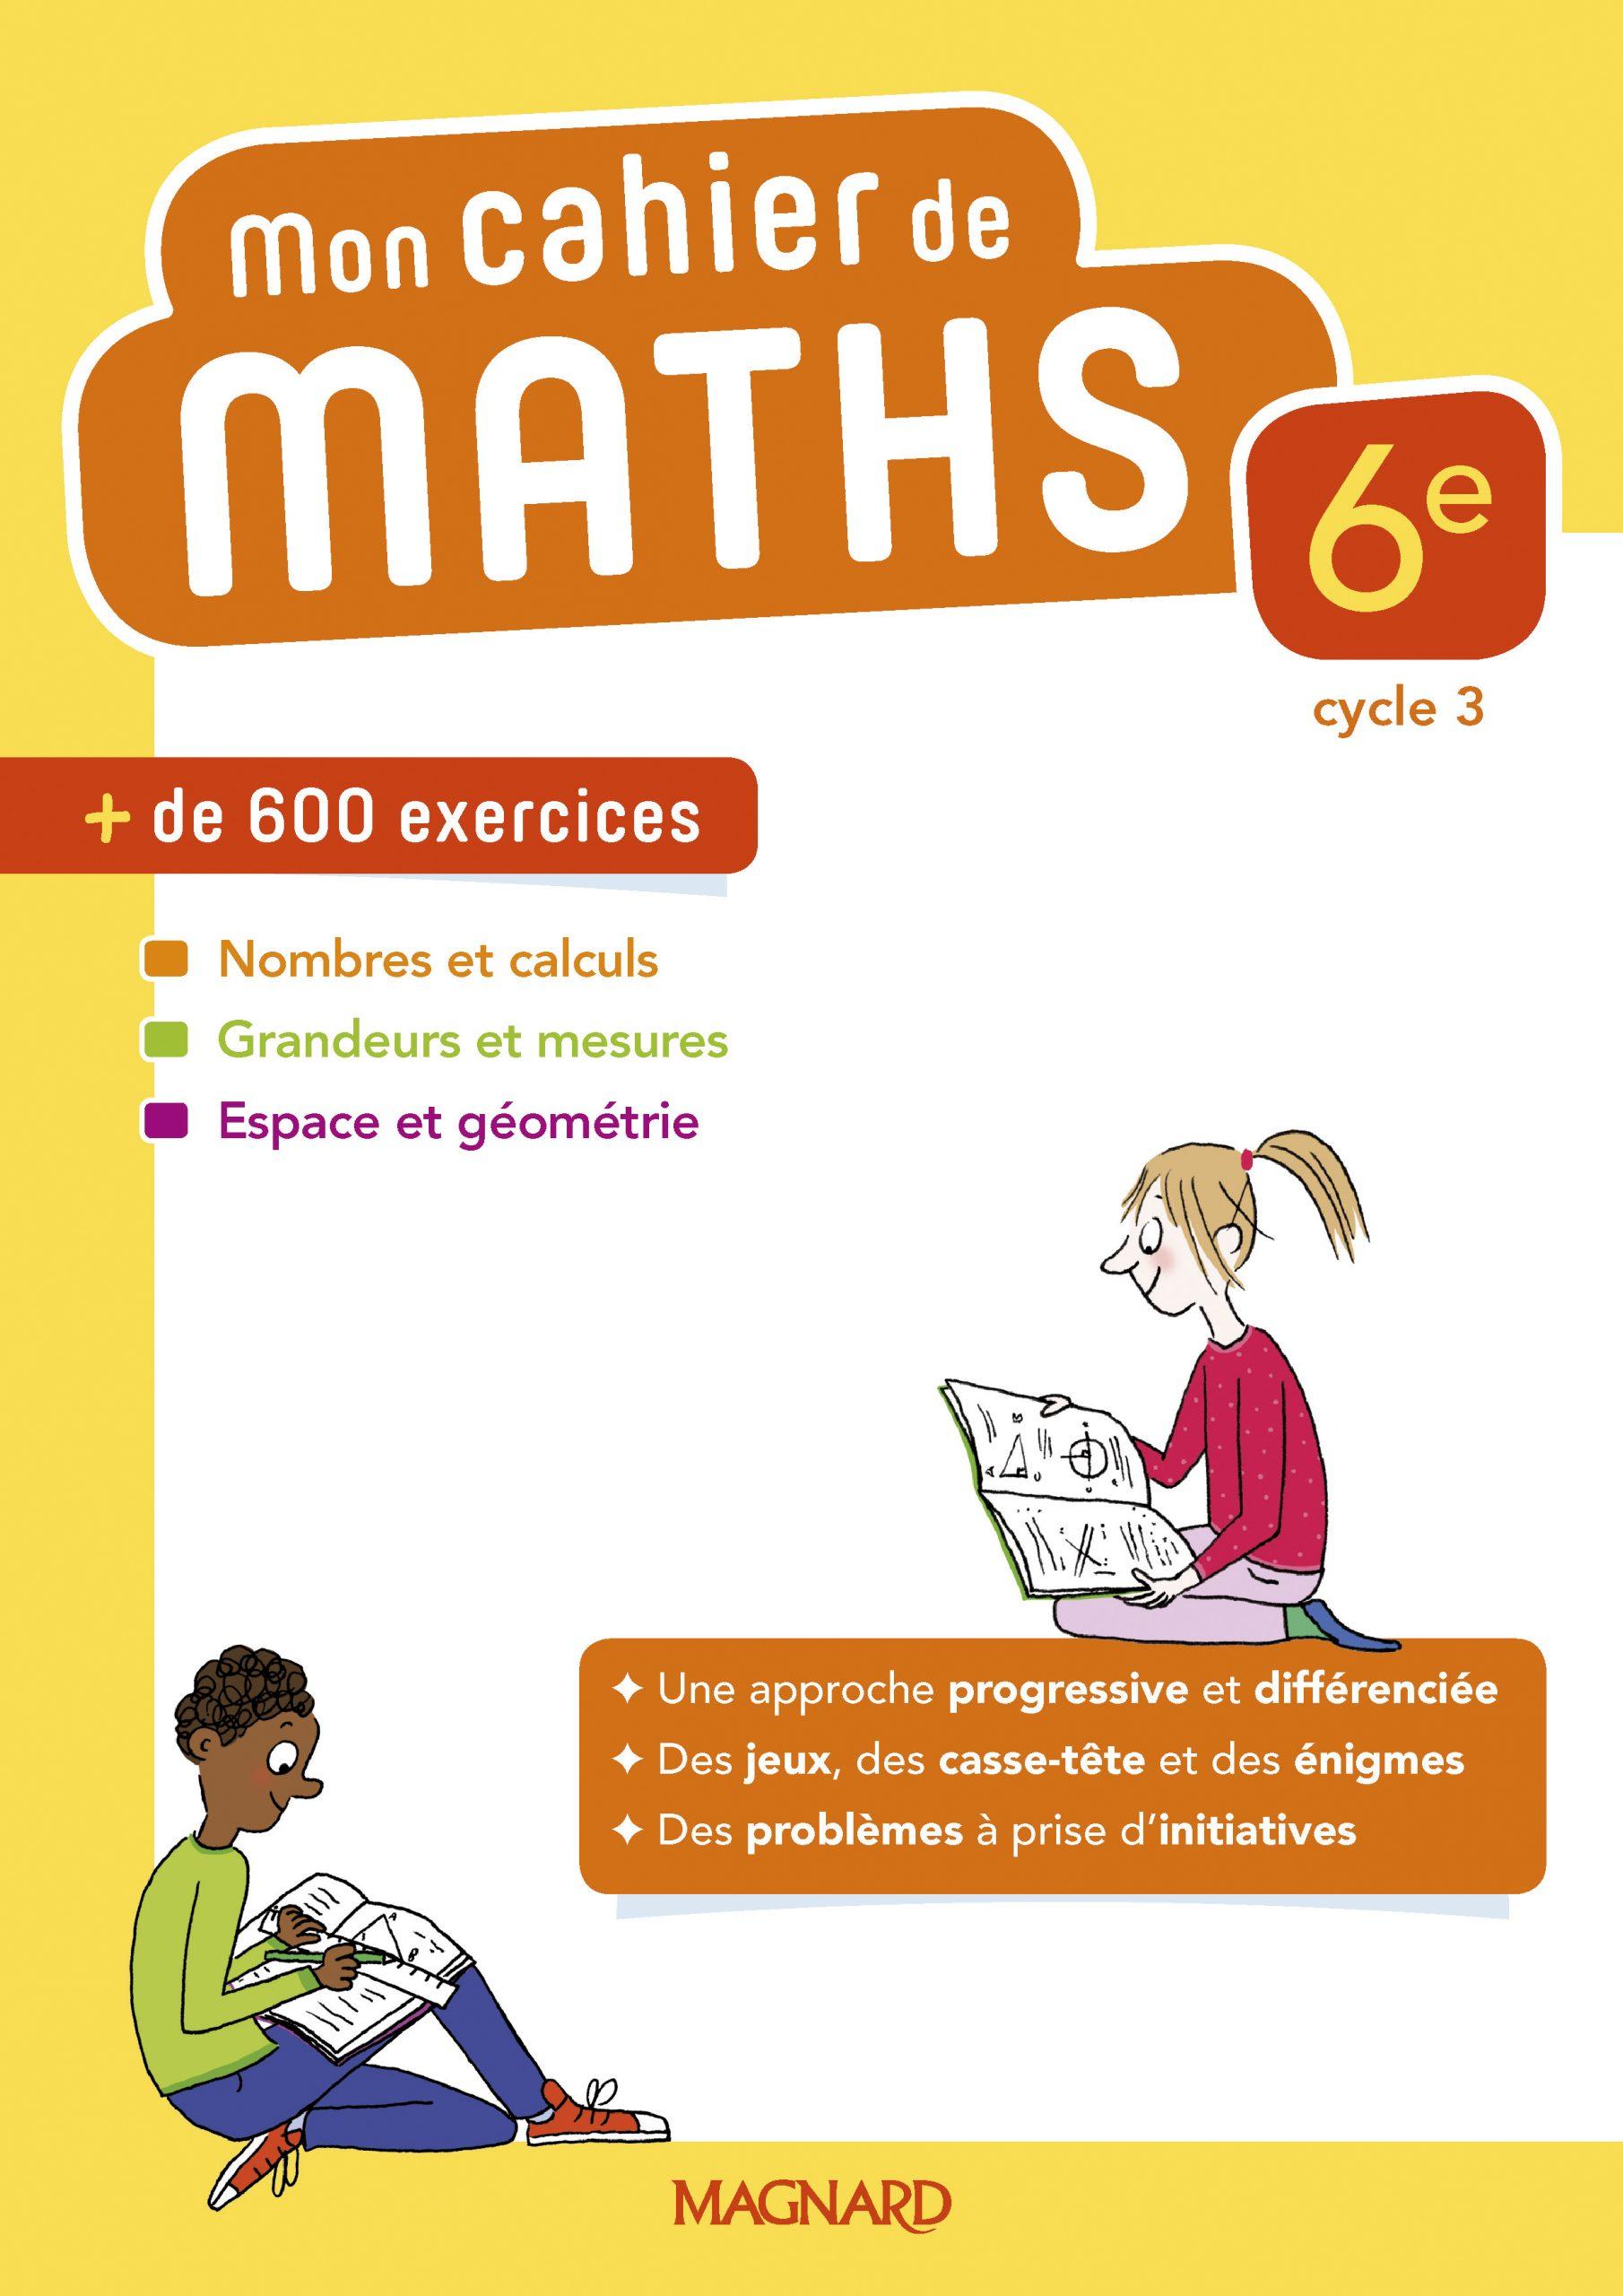 Mon Cahier De Maths 6E (2018) | Magnard Enseignants intérieur Jeux De Exercice De Maths